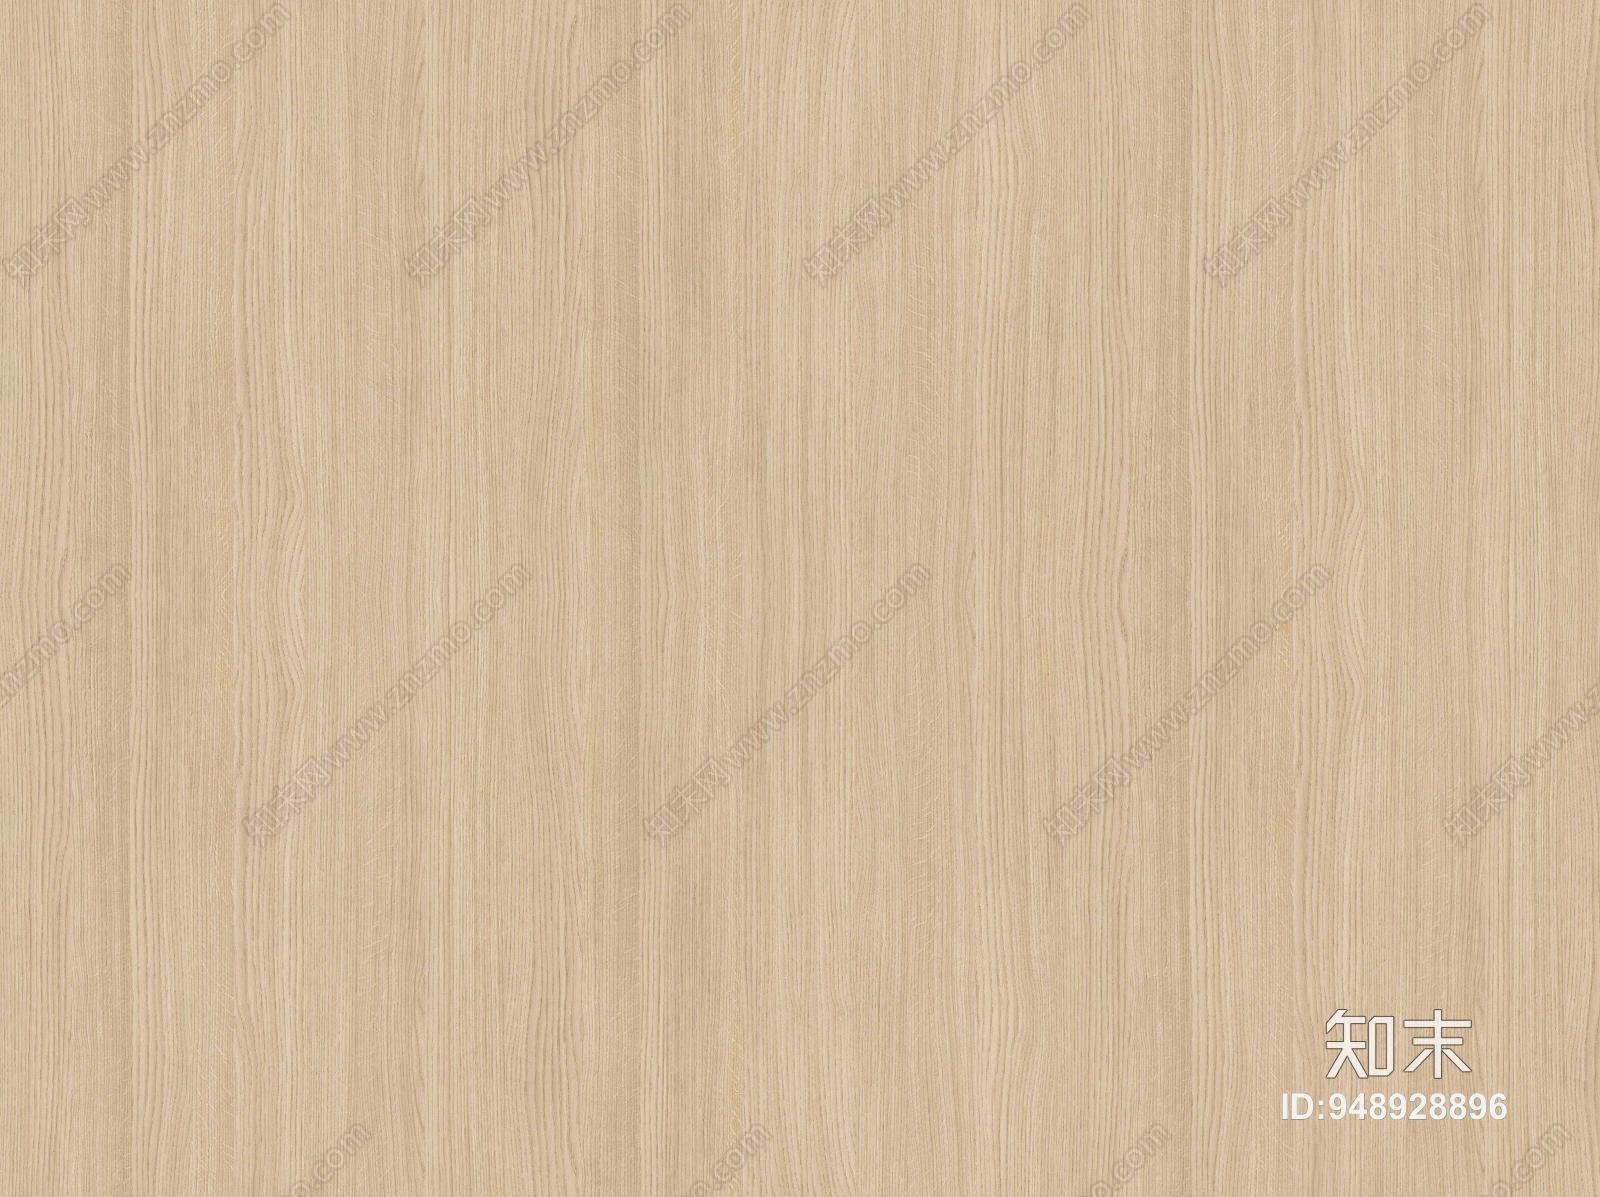 木纹贴图下载【ID:948928896】